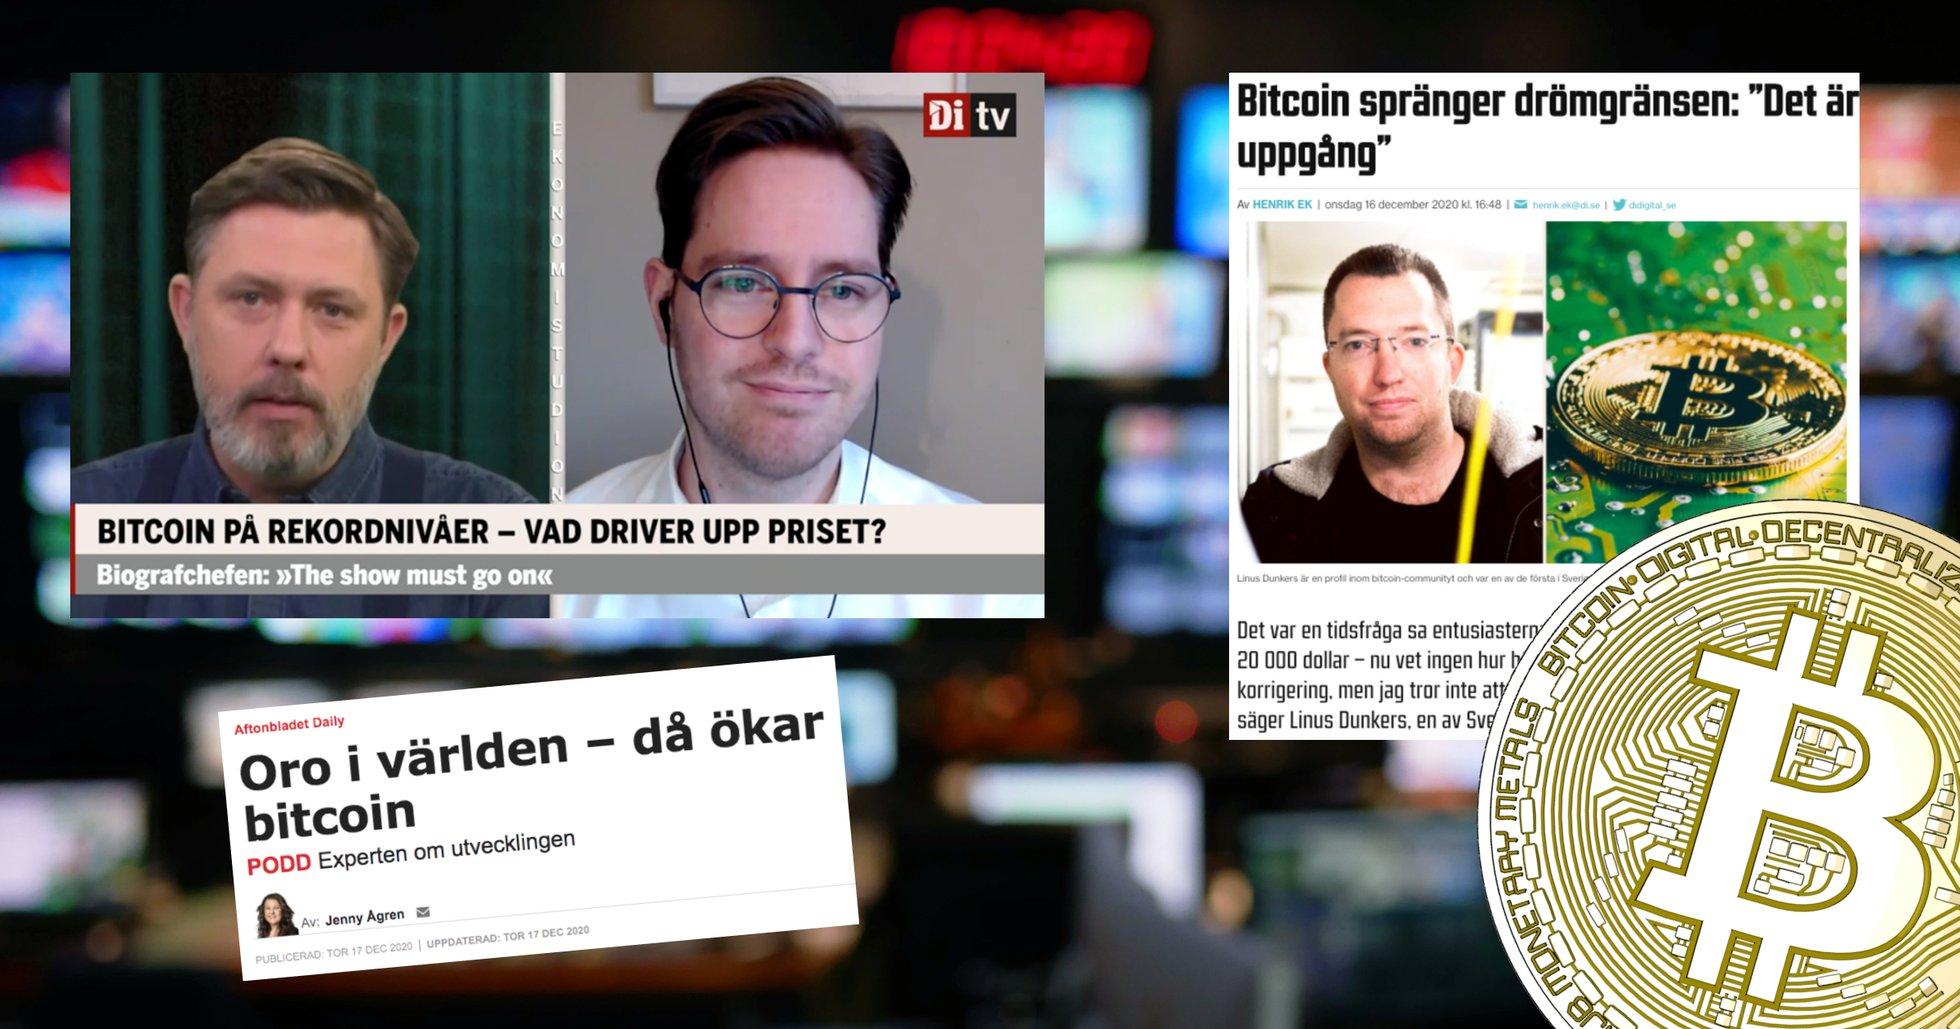 Bitcoinpriset rusar – då rapporterar svenska medier om kryptovalutans framfart.